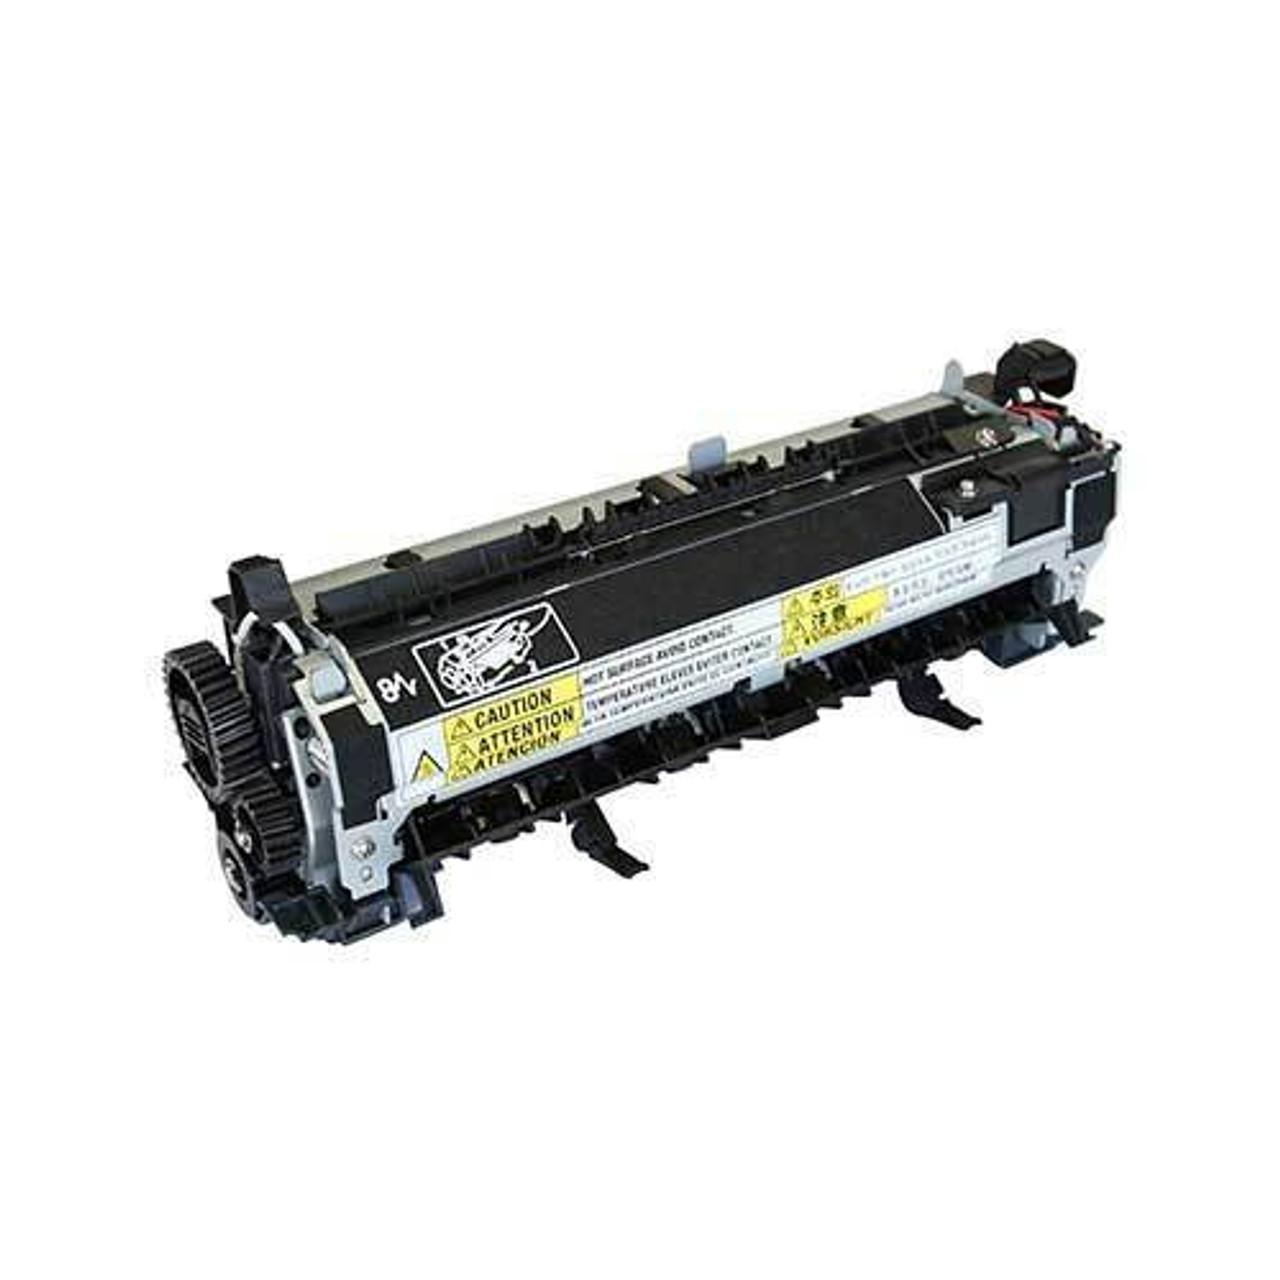 HP LaserJet M604/605/606 Fuser Assembly Exchange - Refurbished - E6B67-67901R